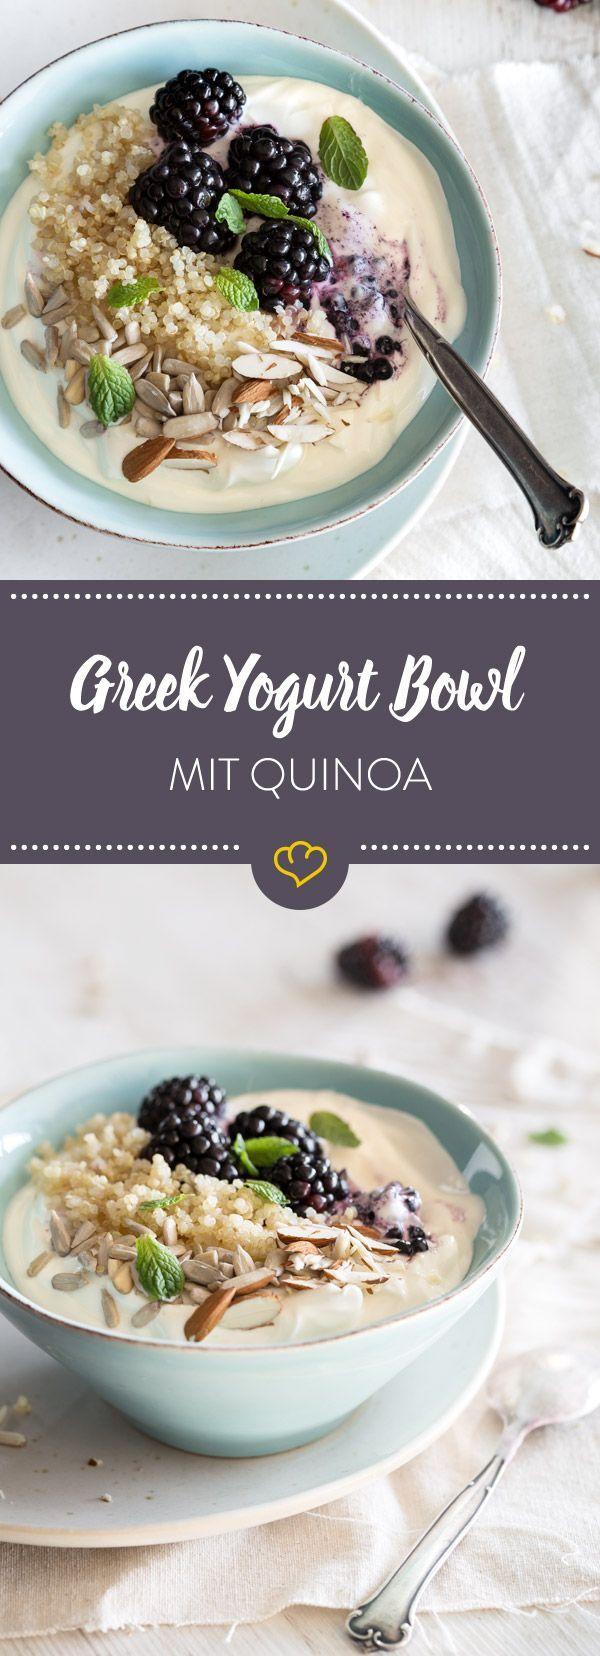 greek yogurt bowl mit quinoa und brombeeren rezept gesundes fr hst ck start your day right. Black Bedroom Furniture Sets. Home Design Ideas